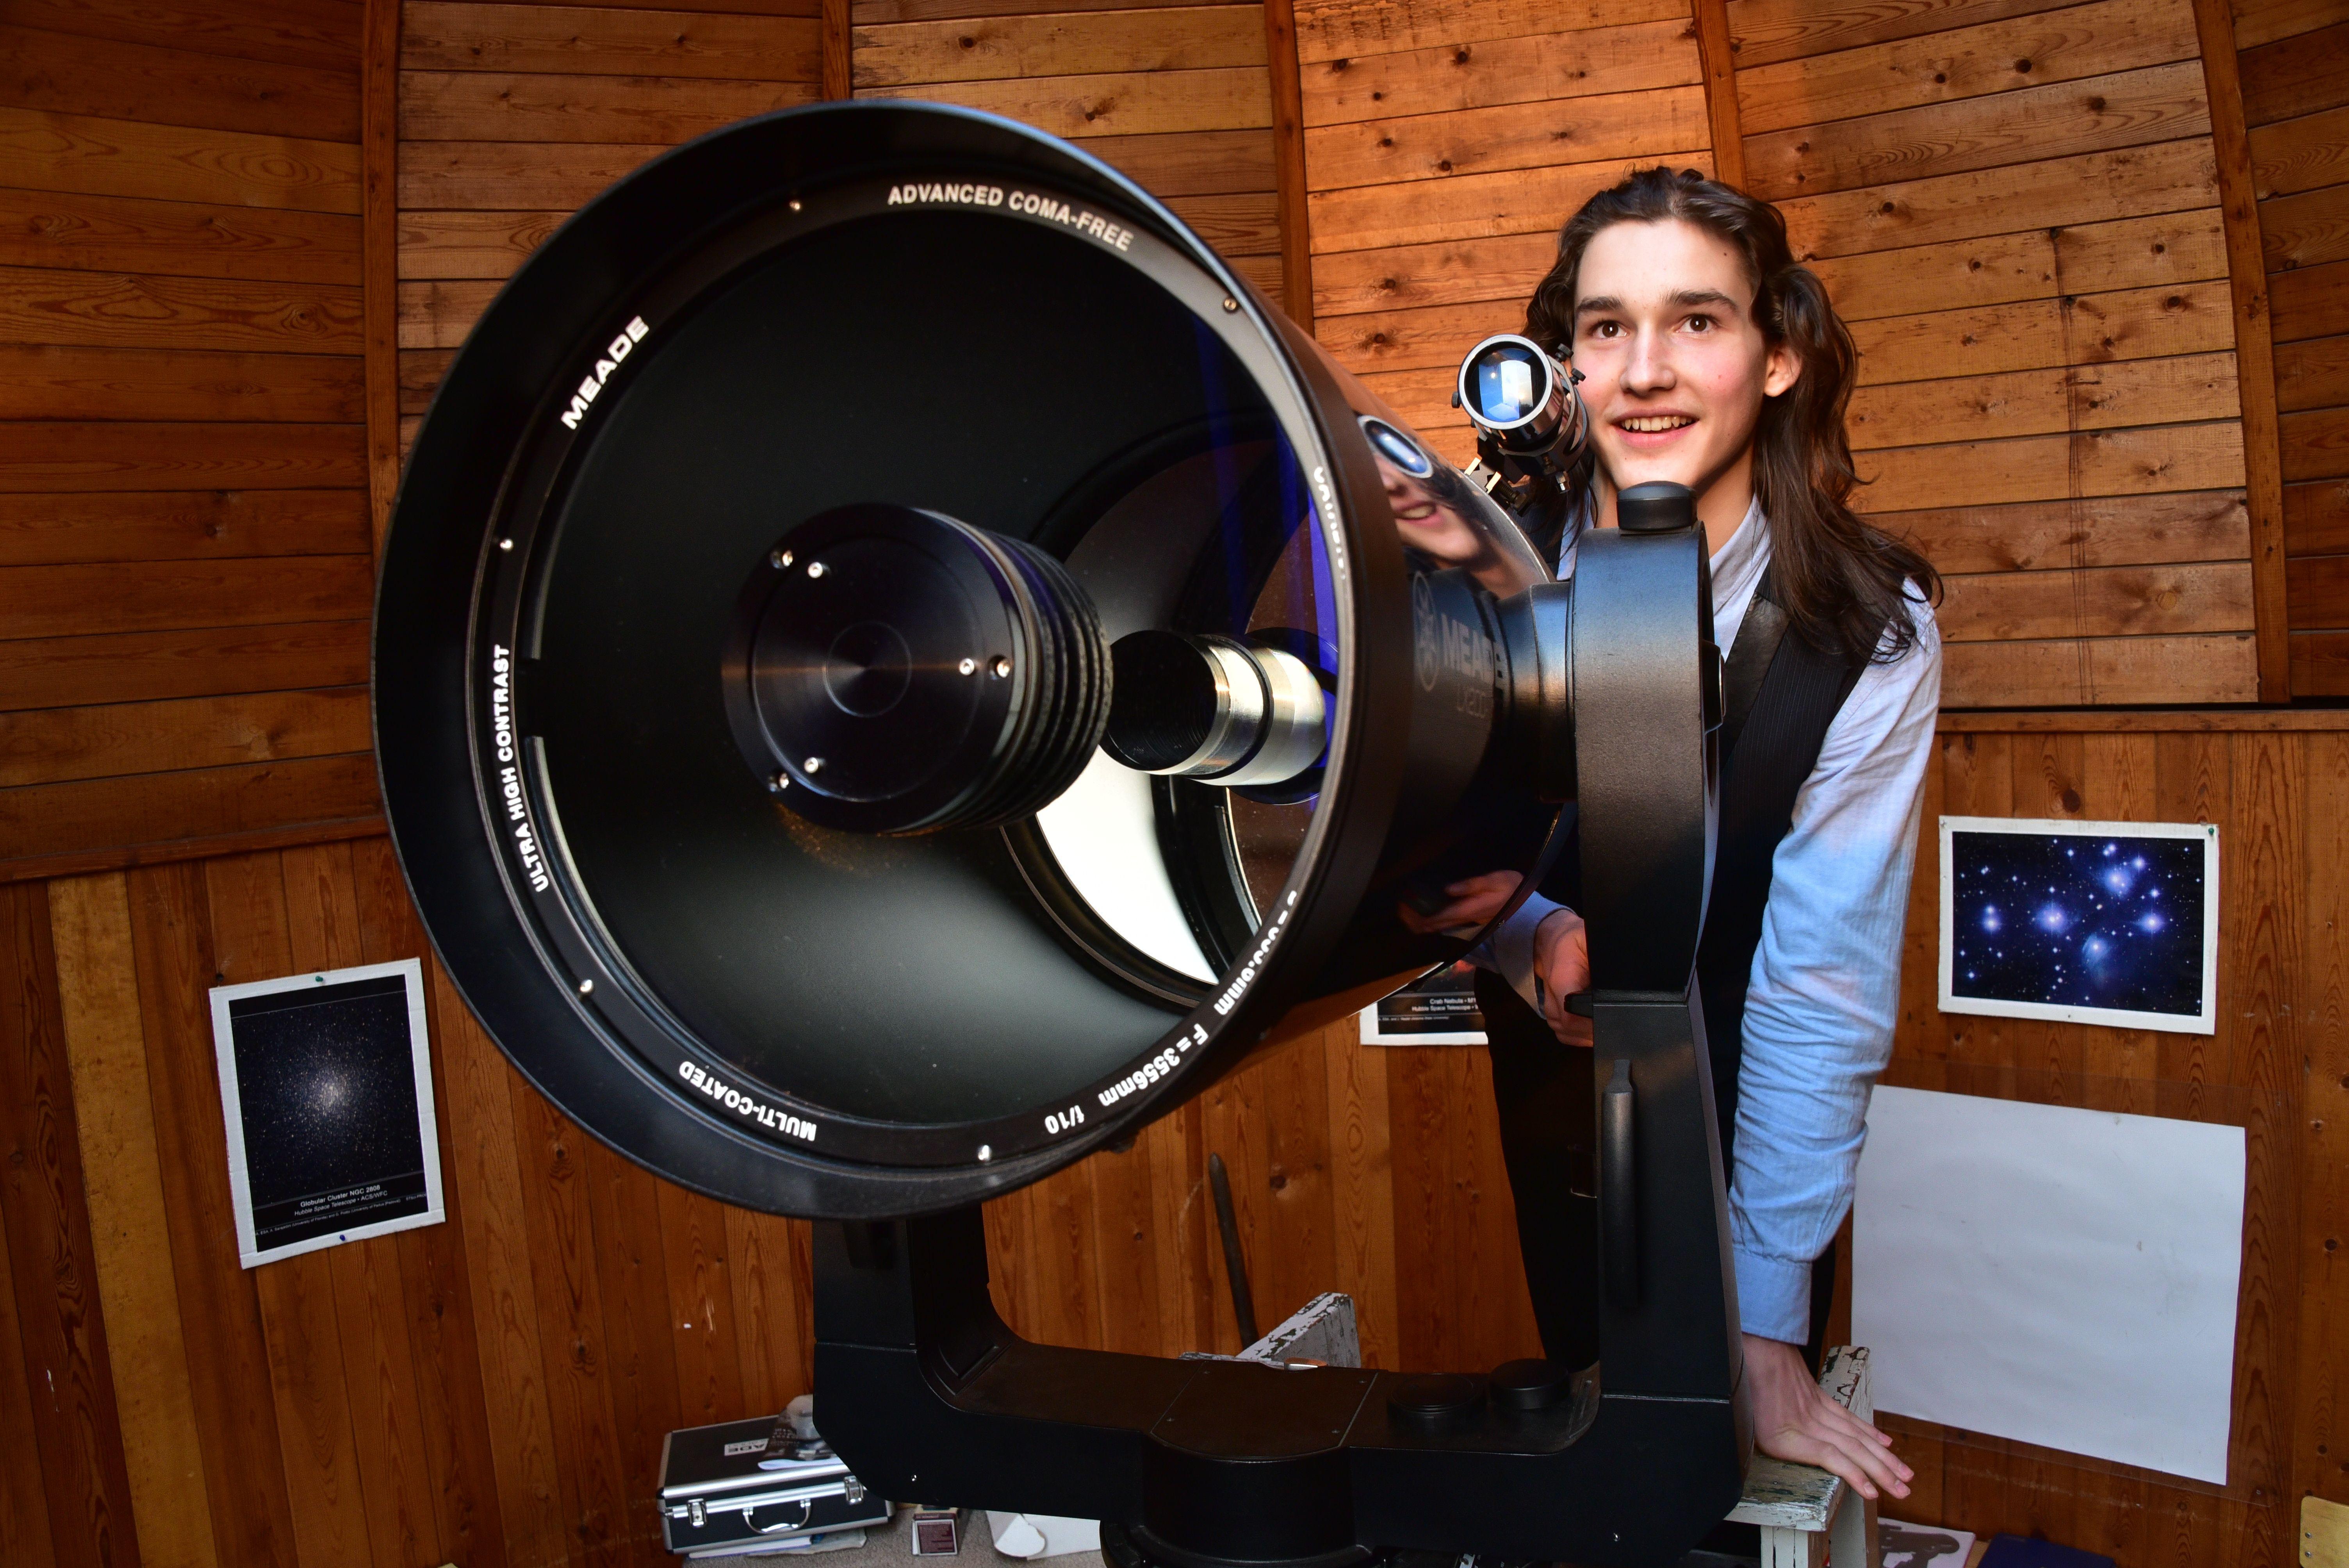 Московские астрономы пообещали Суперлуние и звездный дождь в апреле